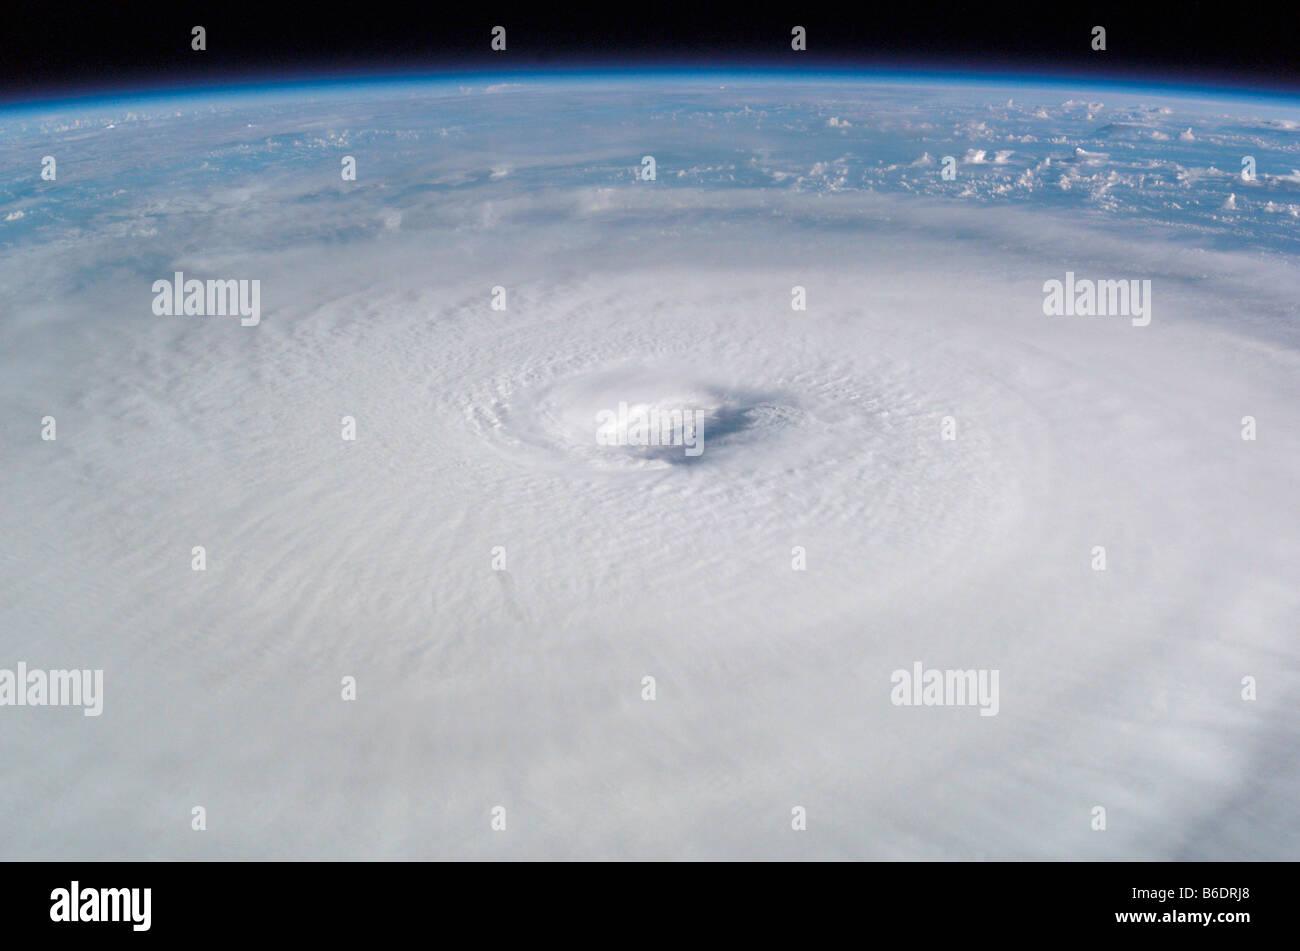 L'ouragan Isabel. Cette image a été prise à partir de la Station spatiale internationale le 13 septembre 2003. Banque D'Images